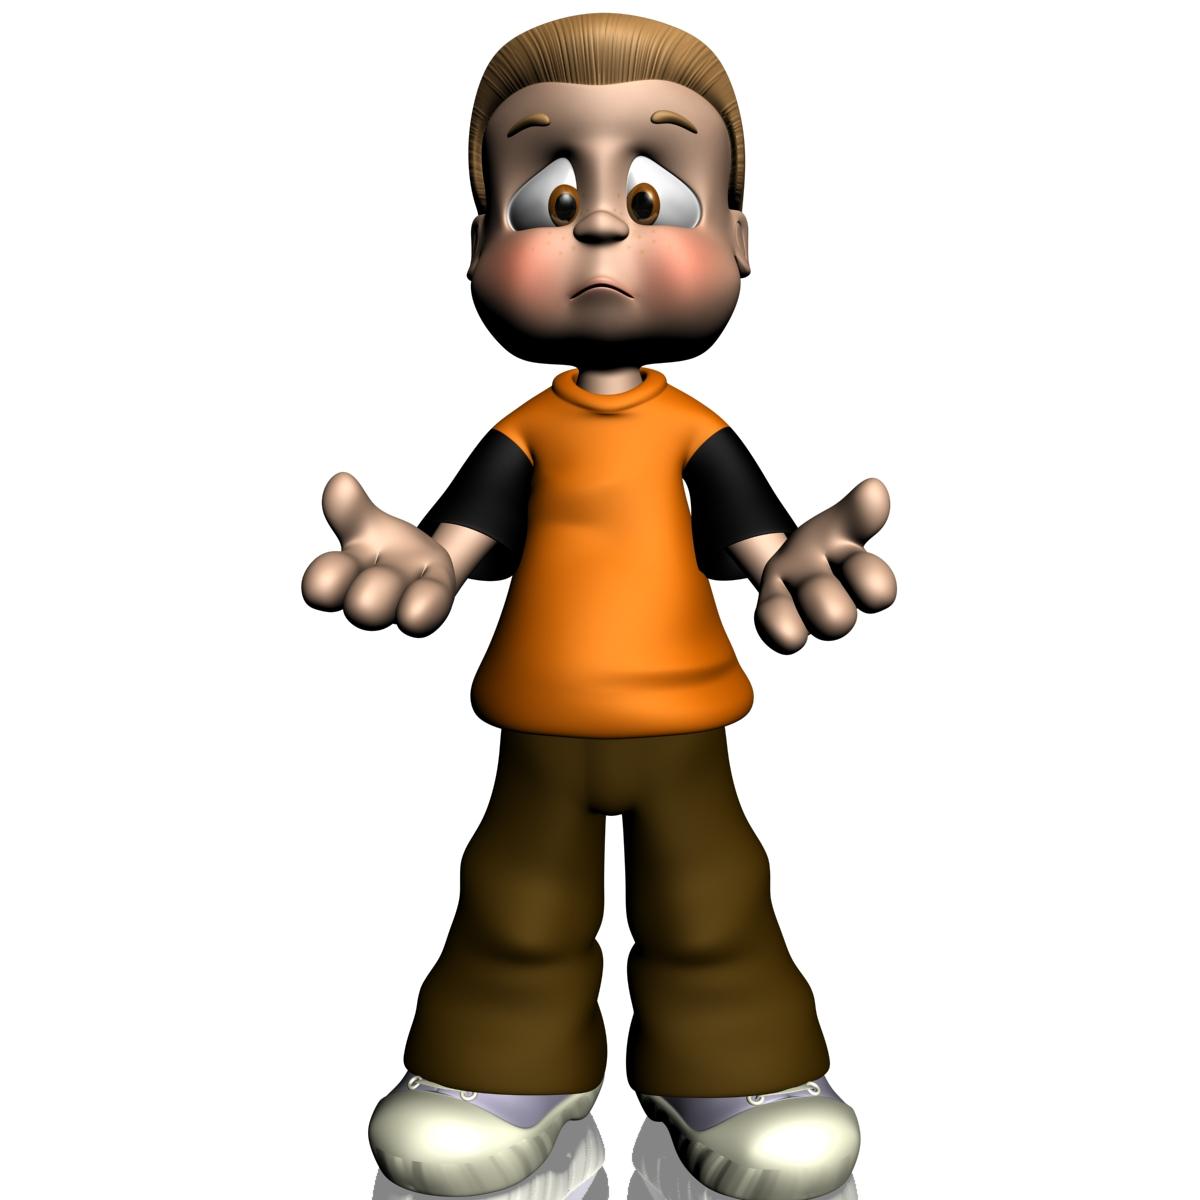 Cartoon Boy Rigged 3d Model Game Ready Rigged X Obj